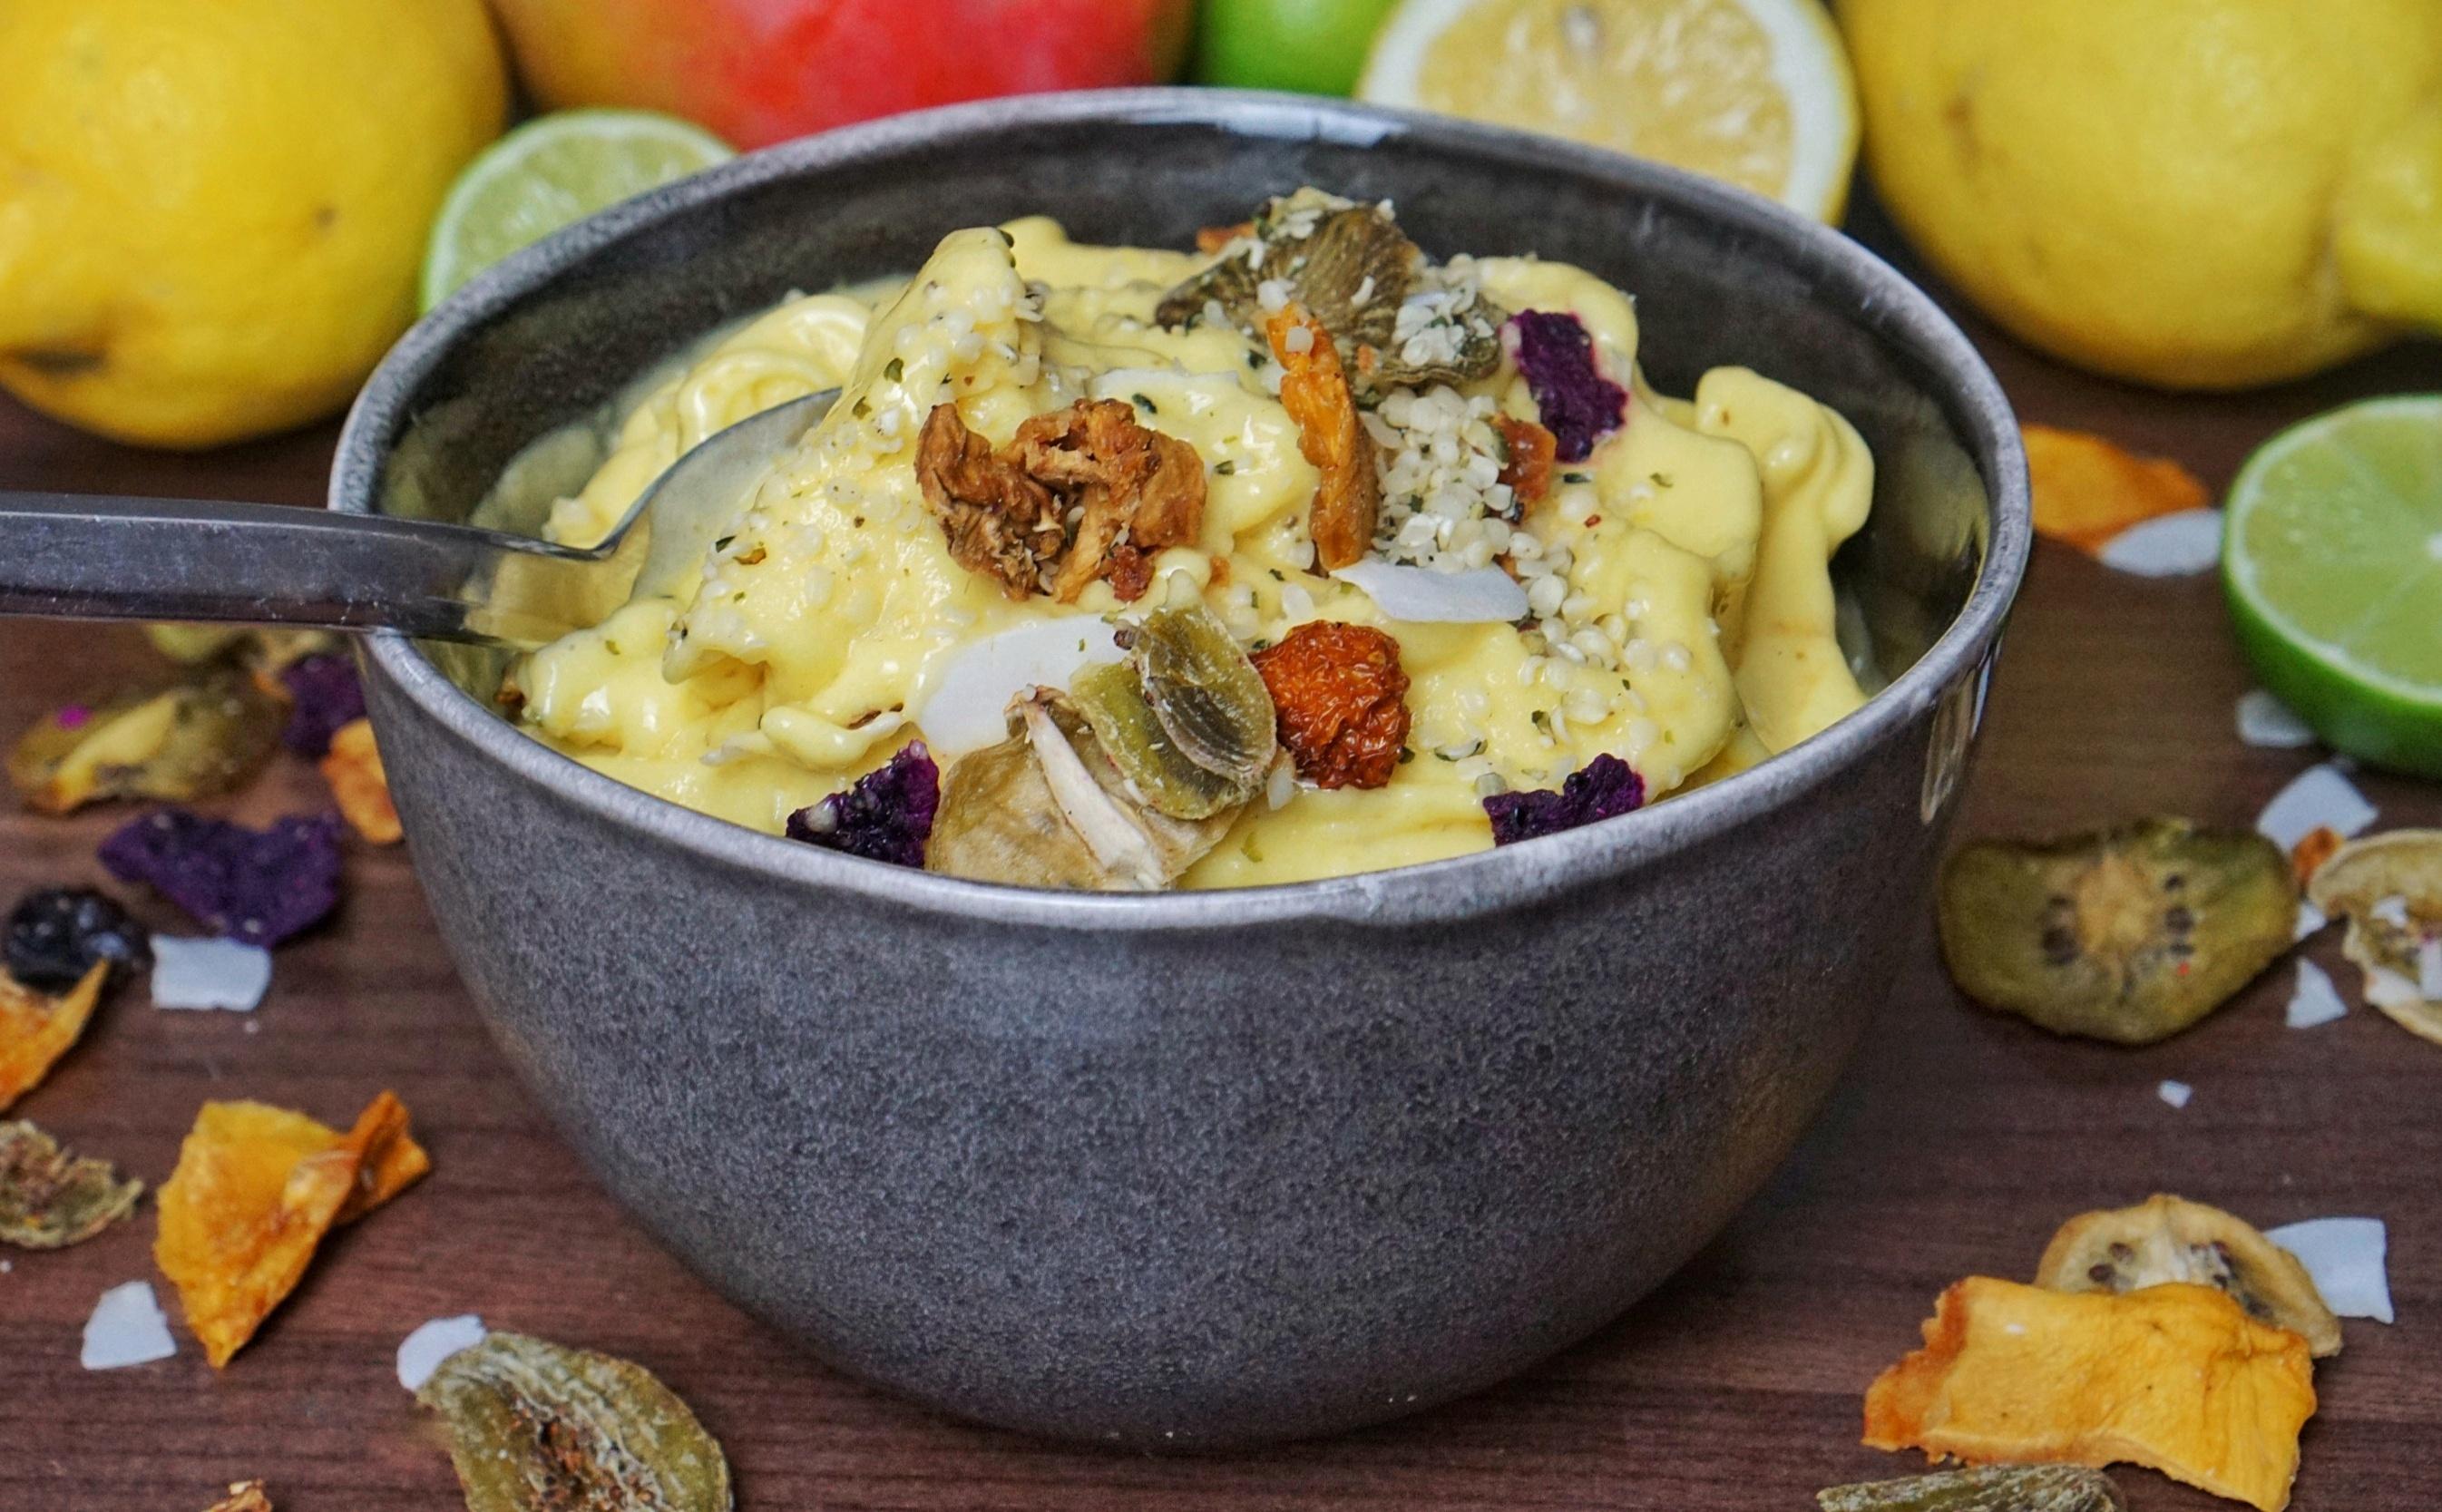 Schale mit Löffel und Bananen Mango Eis mit getrocknetem Früchte Mix.